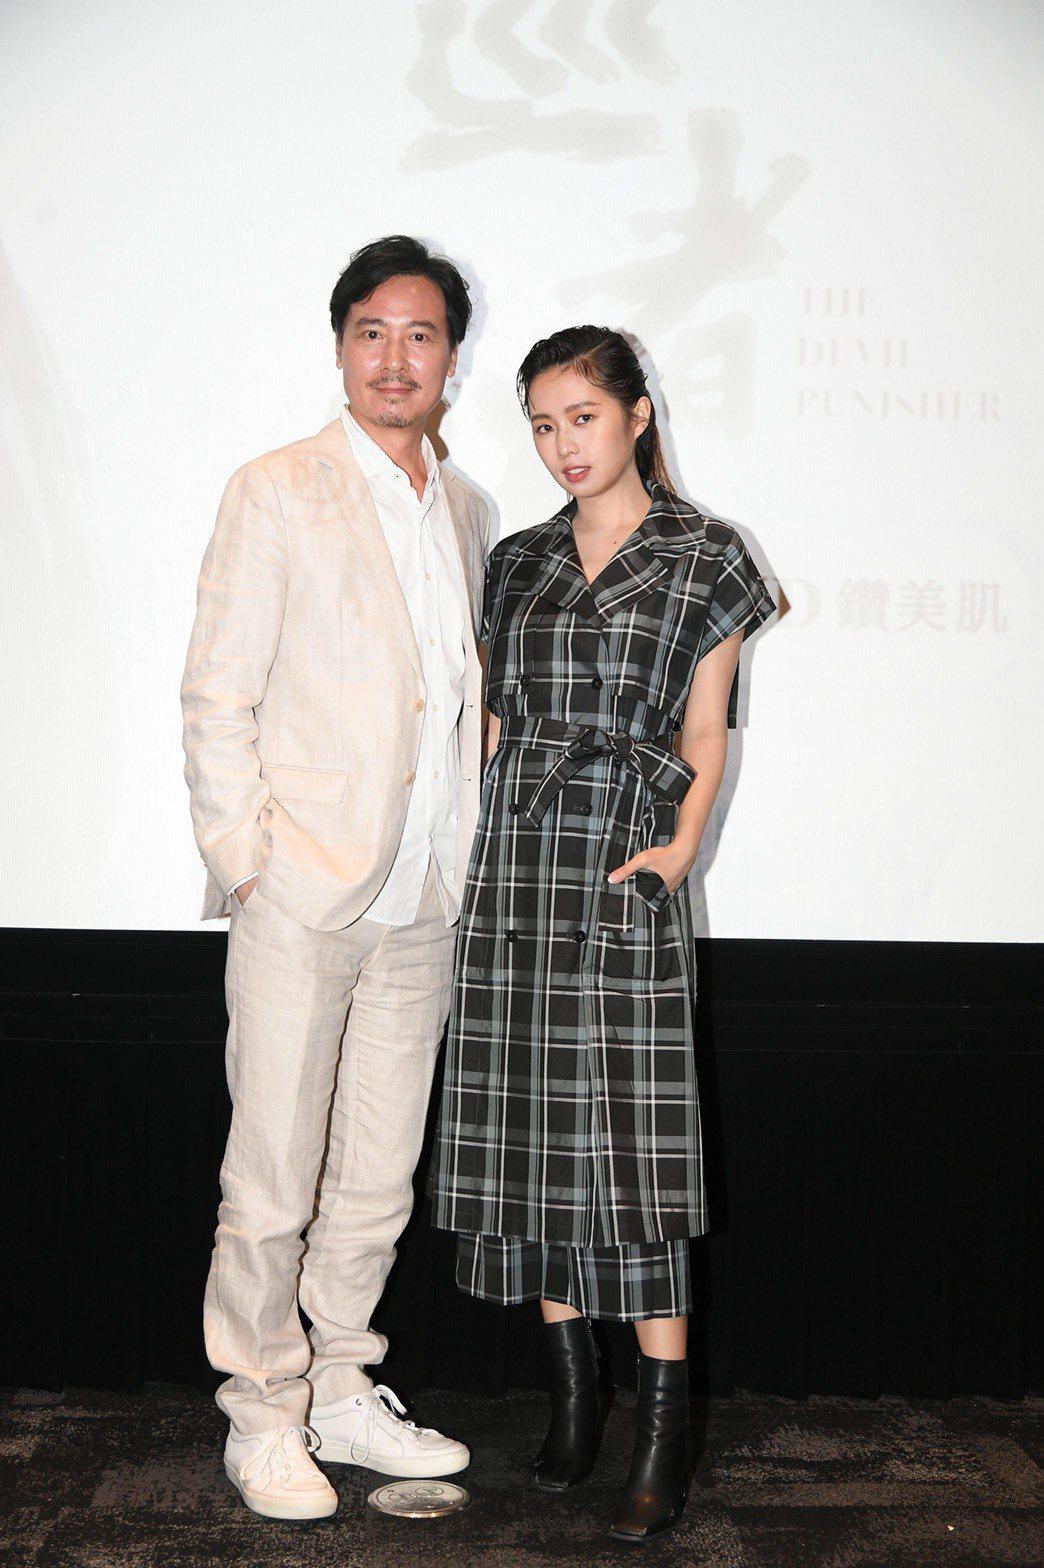 簡廷芮(右)與尹昭德演出三立新戲「天巡者」。圖/三立提供